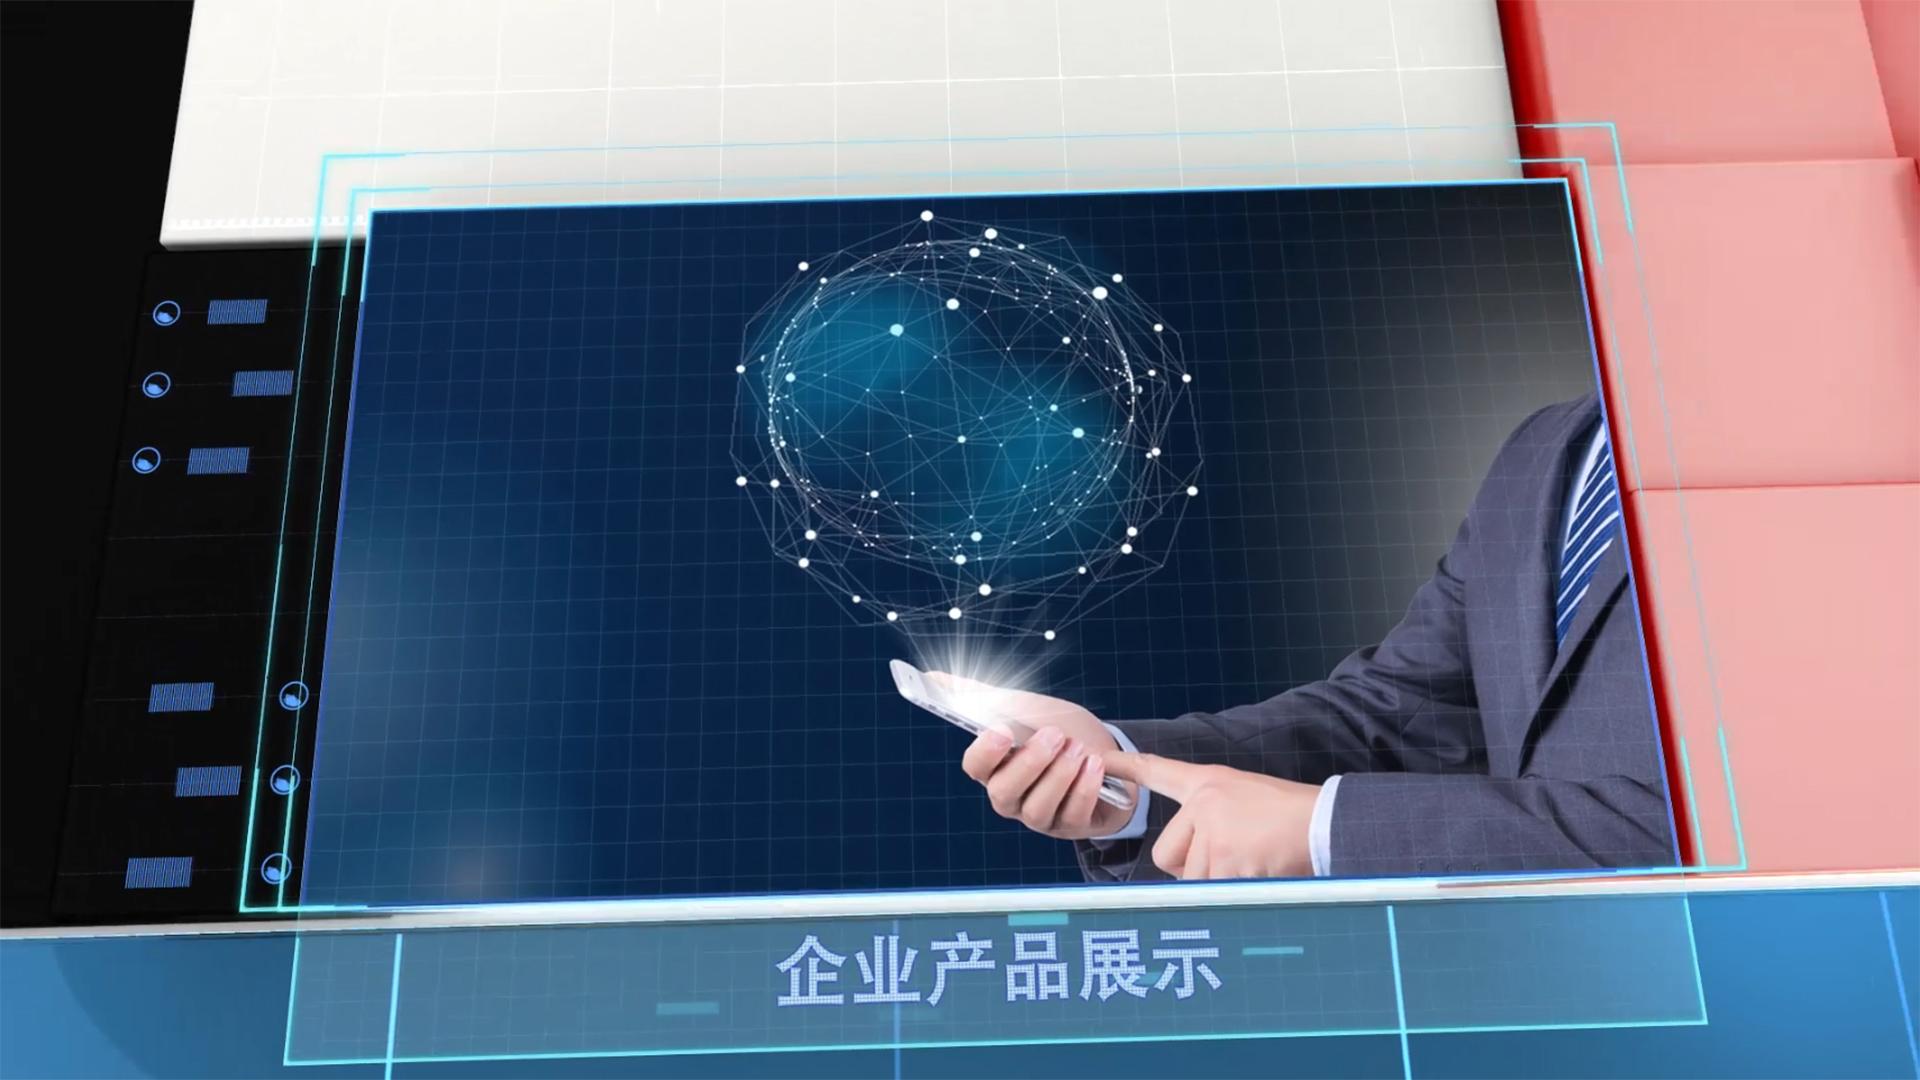 方块风格企业文化展示AE模板